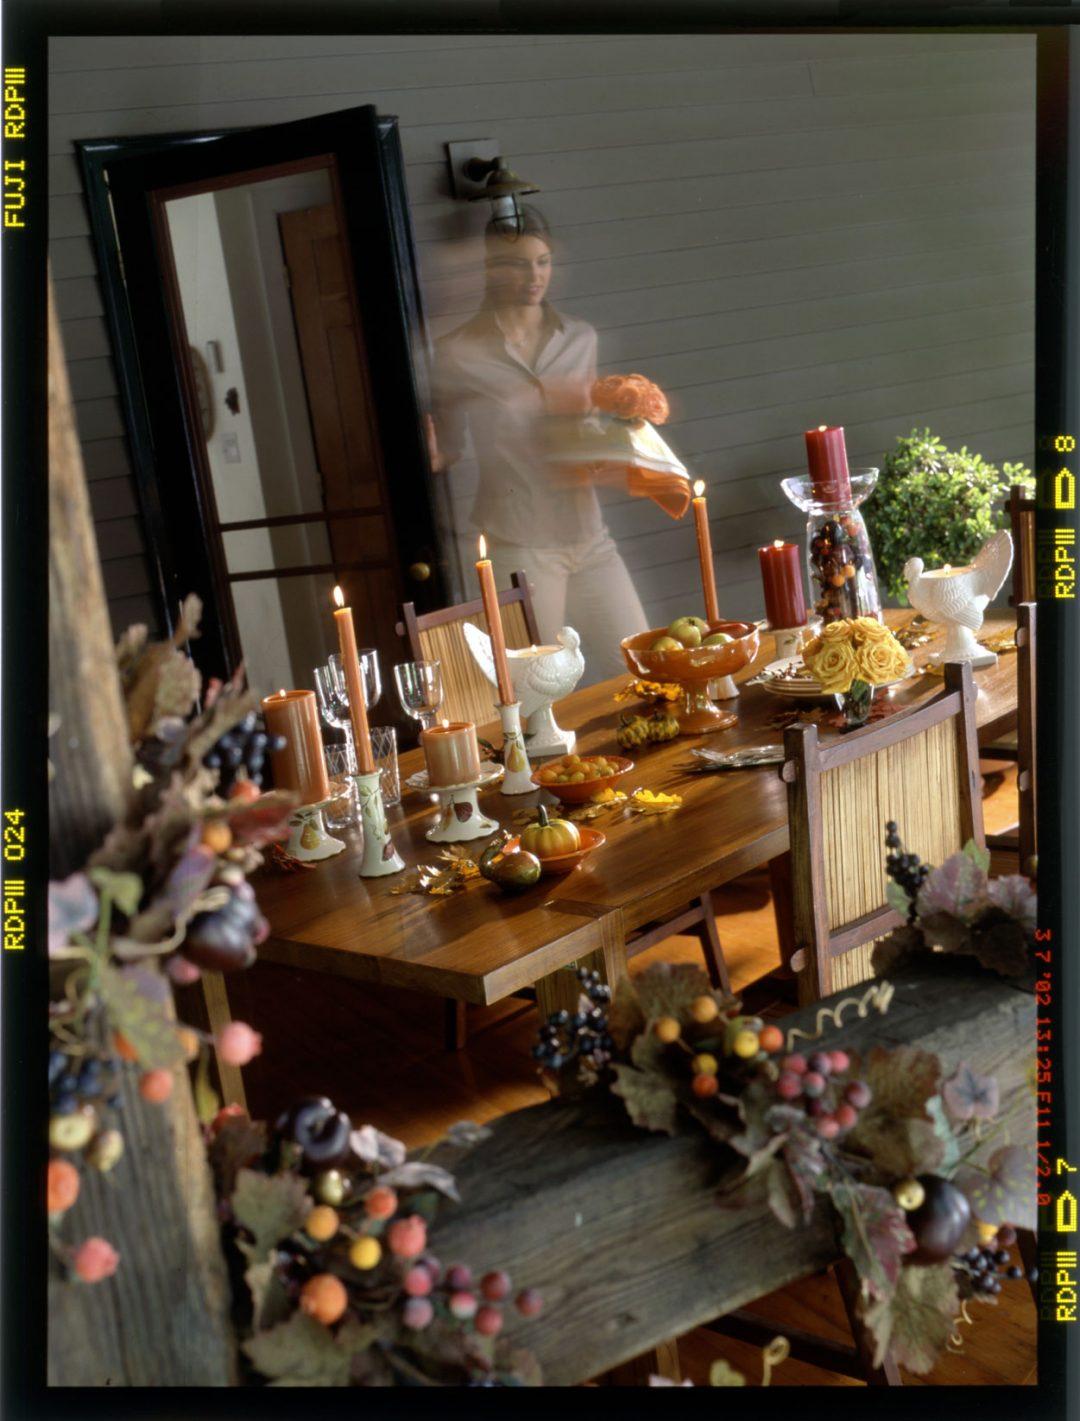 Tablescape | Home Décor